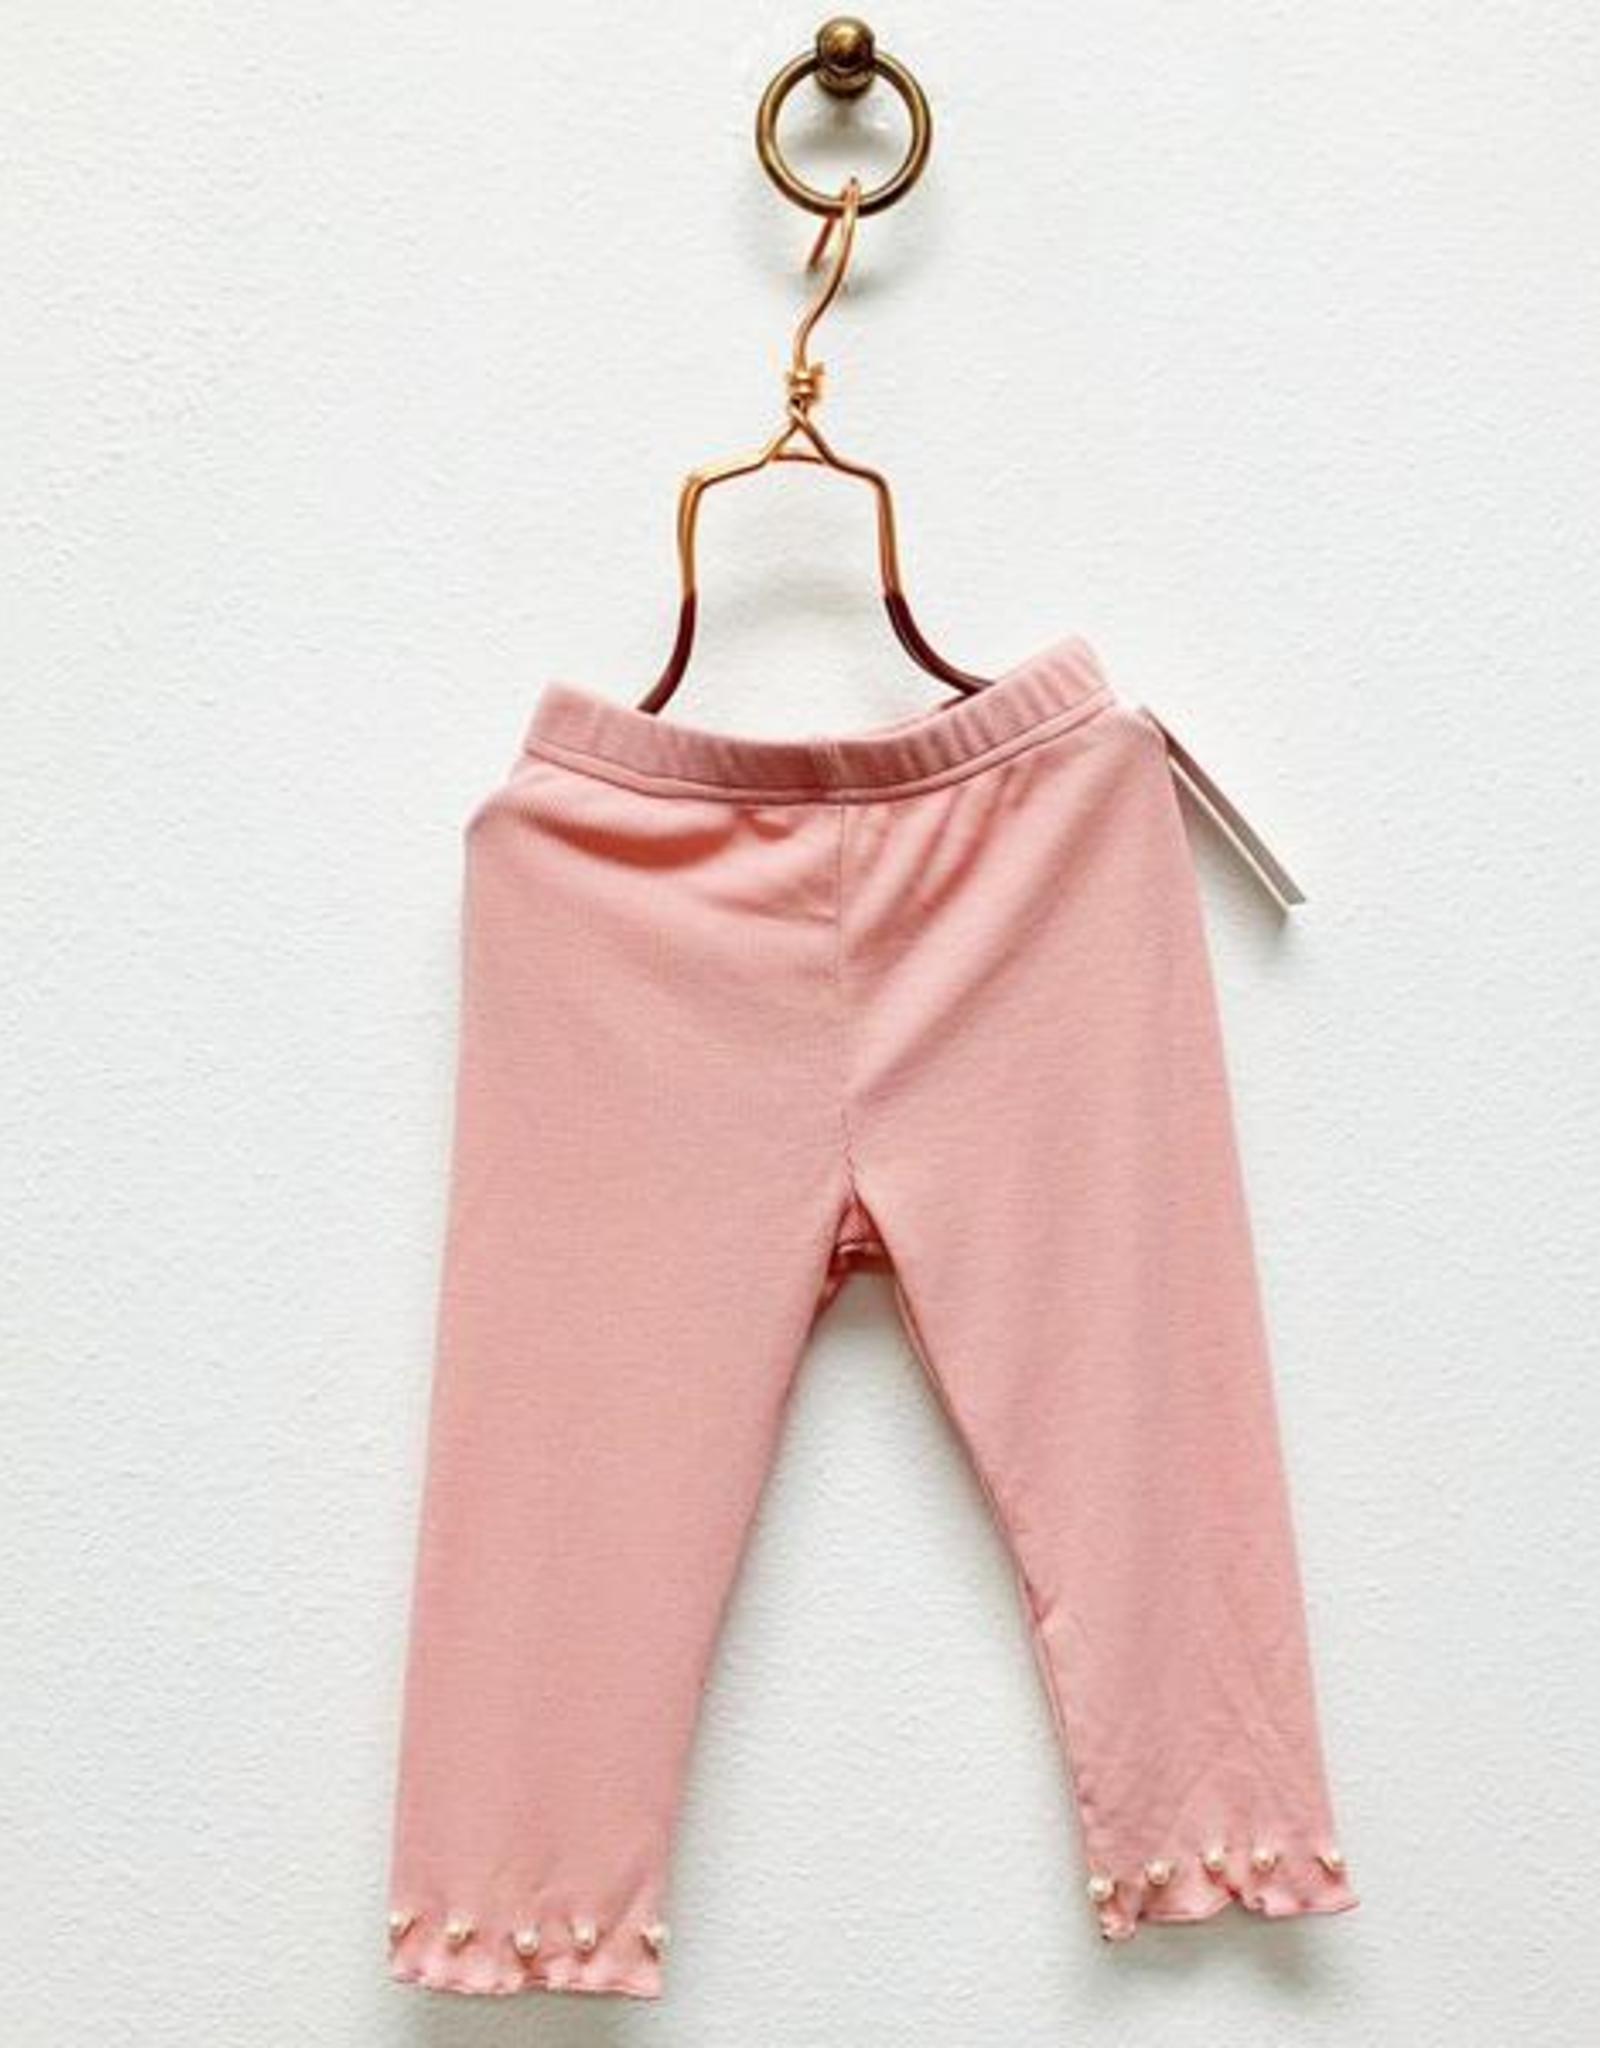 Doe a Dear Pink Glitter Leggings with Pearls